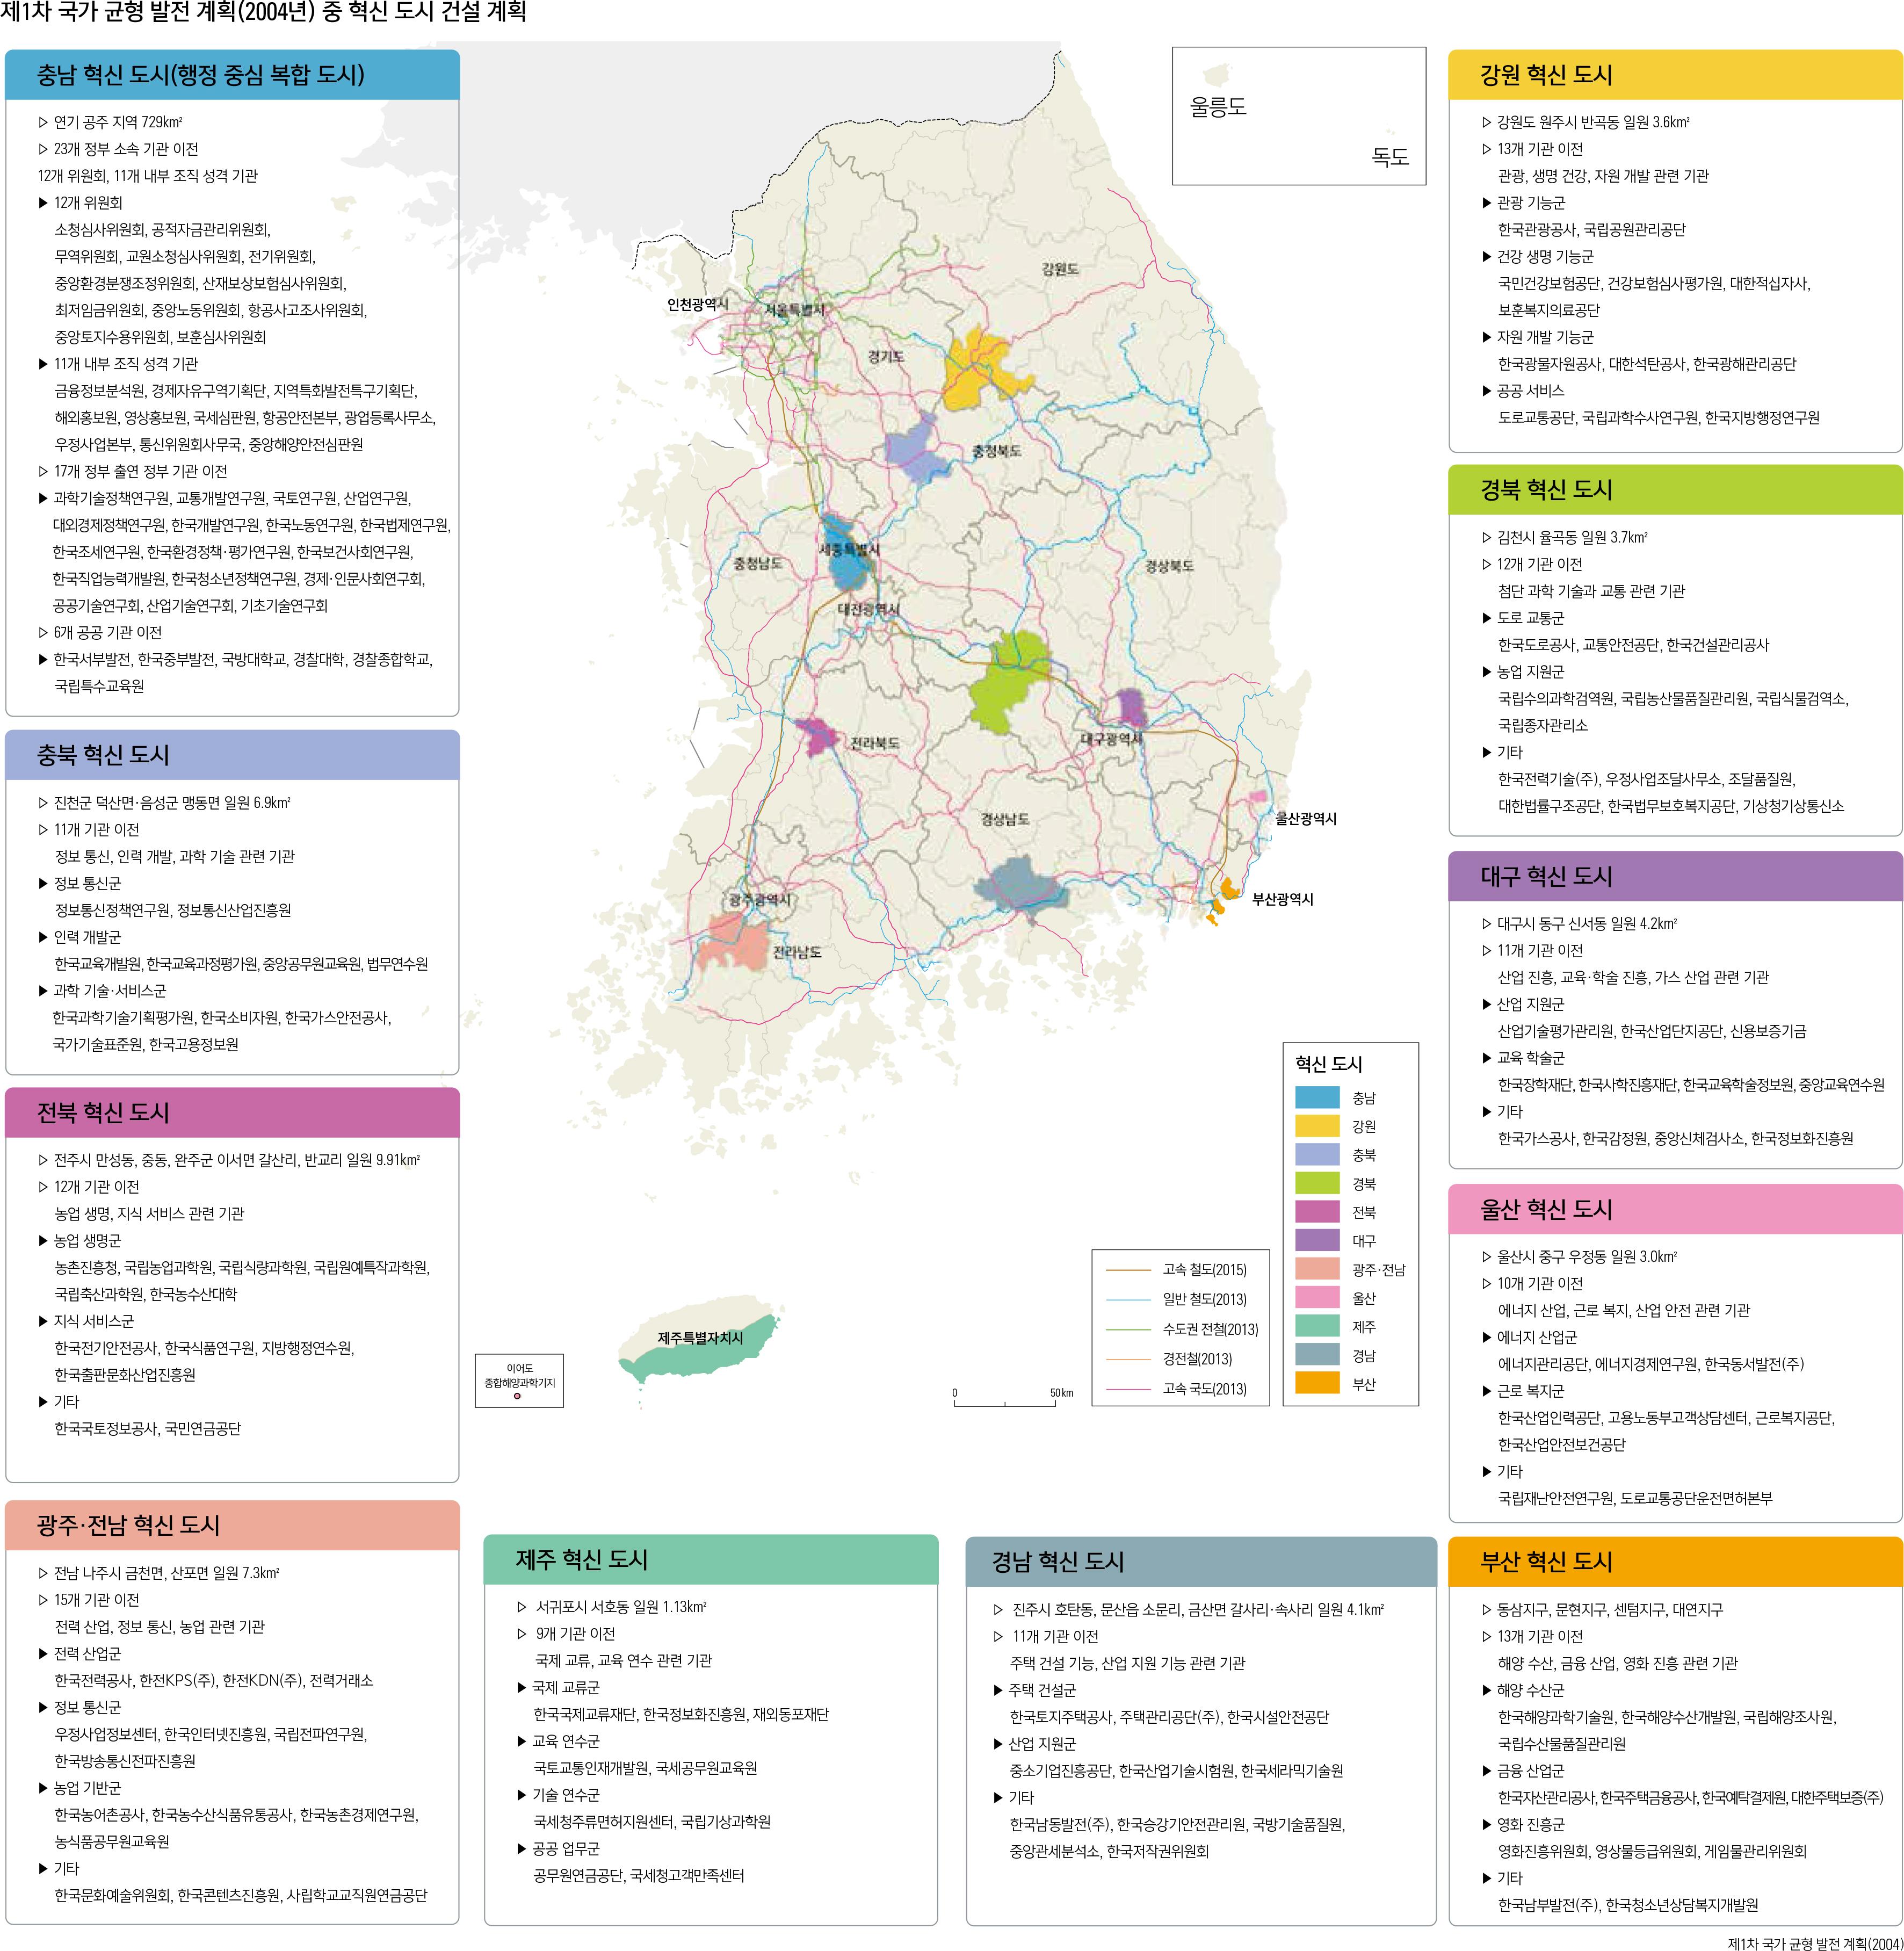 제1차 국가 균형 발전 계획(2004년) 중 혁신 도시 건설 계획